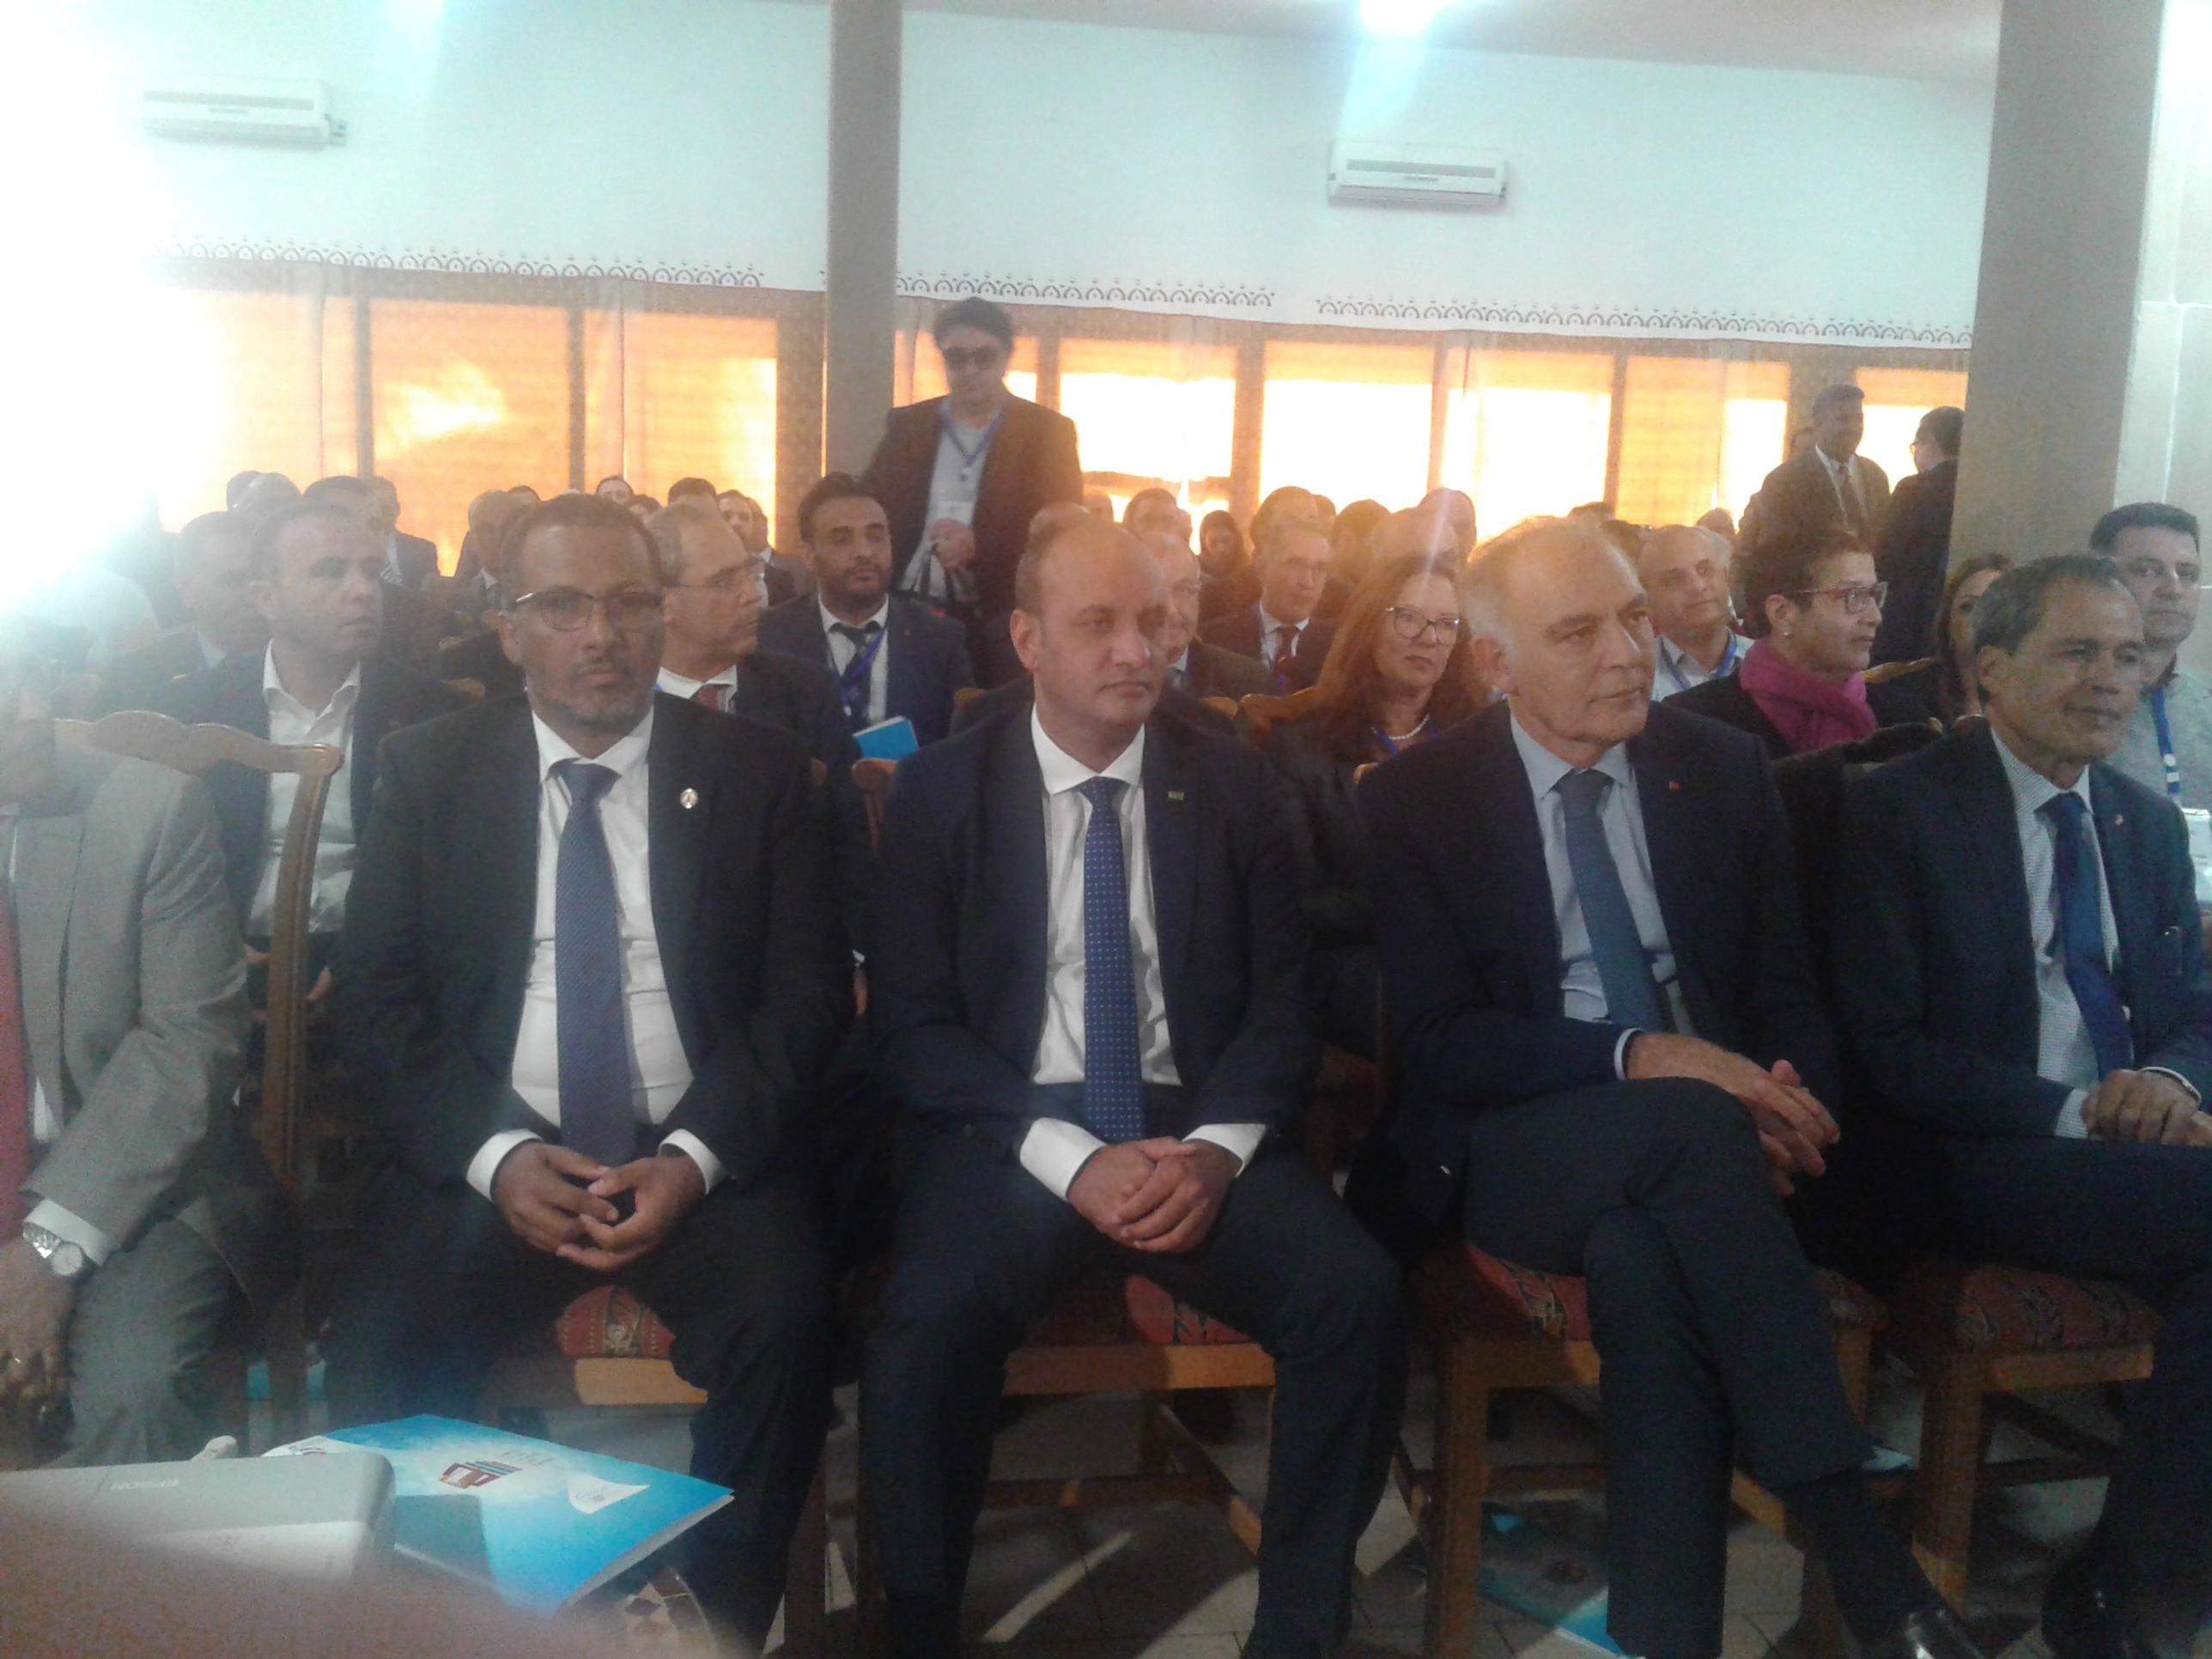 في الوسط رئيس سلطة المنطقة الحرة إلى جانب رئيس أرباب العمل المغربي والموريتاني/ تصوير الأخبار